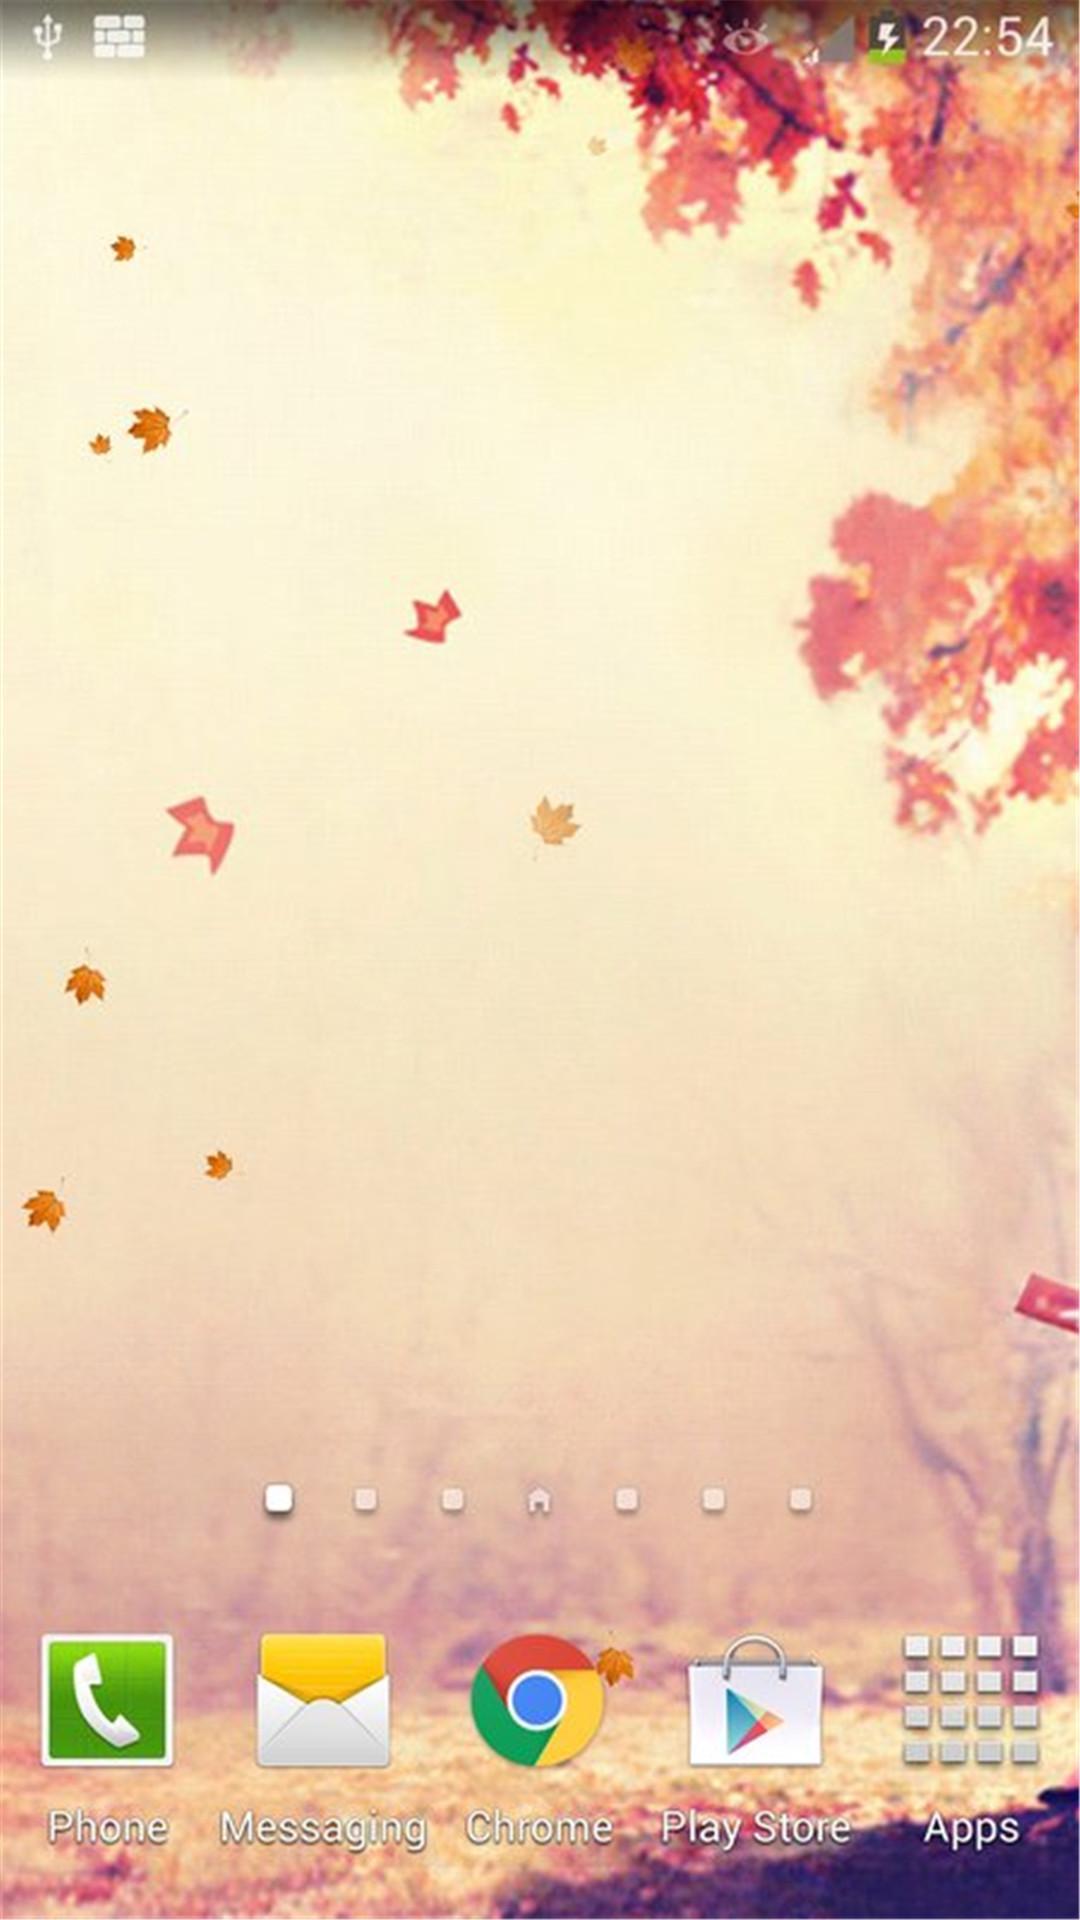 秋天枫叶动态壁纸安卓版下载 秋天枫叶动态壁纸安卓版官方免费版手机app下载【桌面壁纸】 下载之家